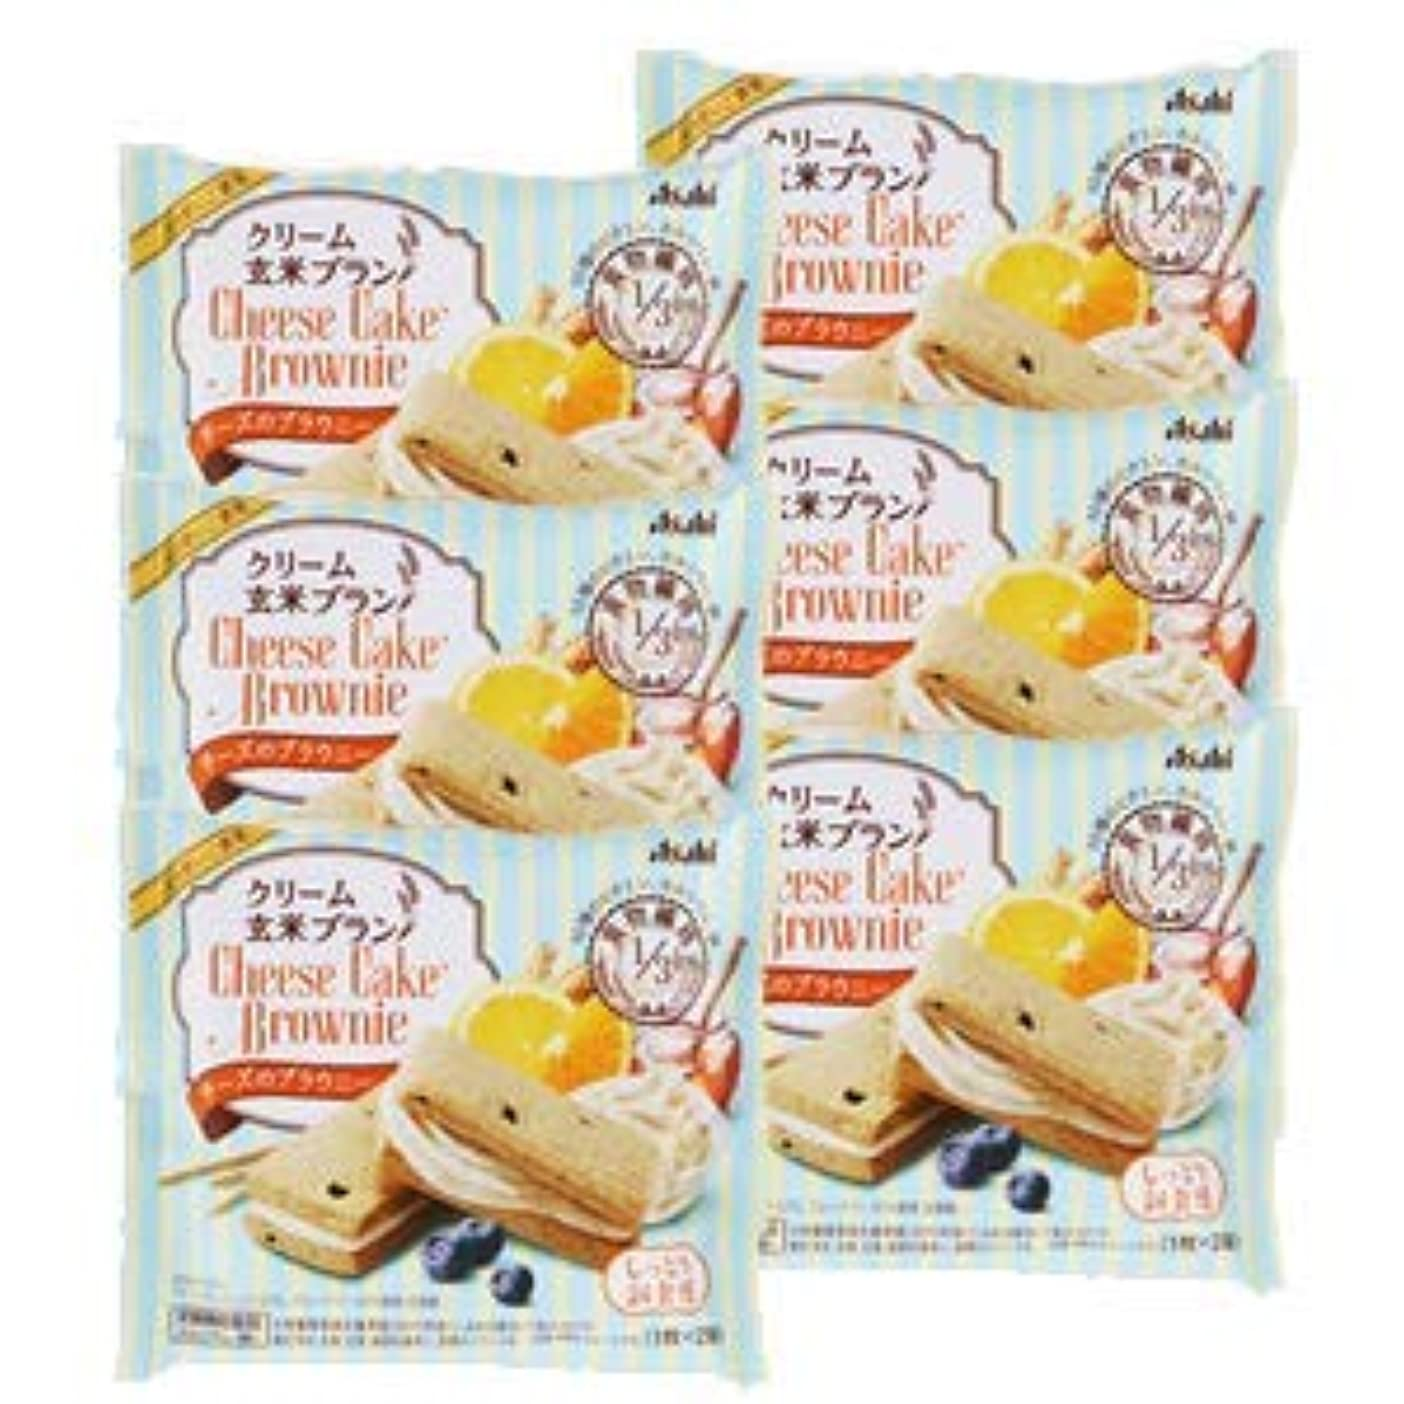 オーク侵入織機アサヒ バランスアップ クリーム玄米ブラン チーズのブラウニー 6個セット